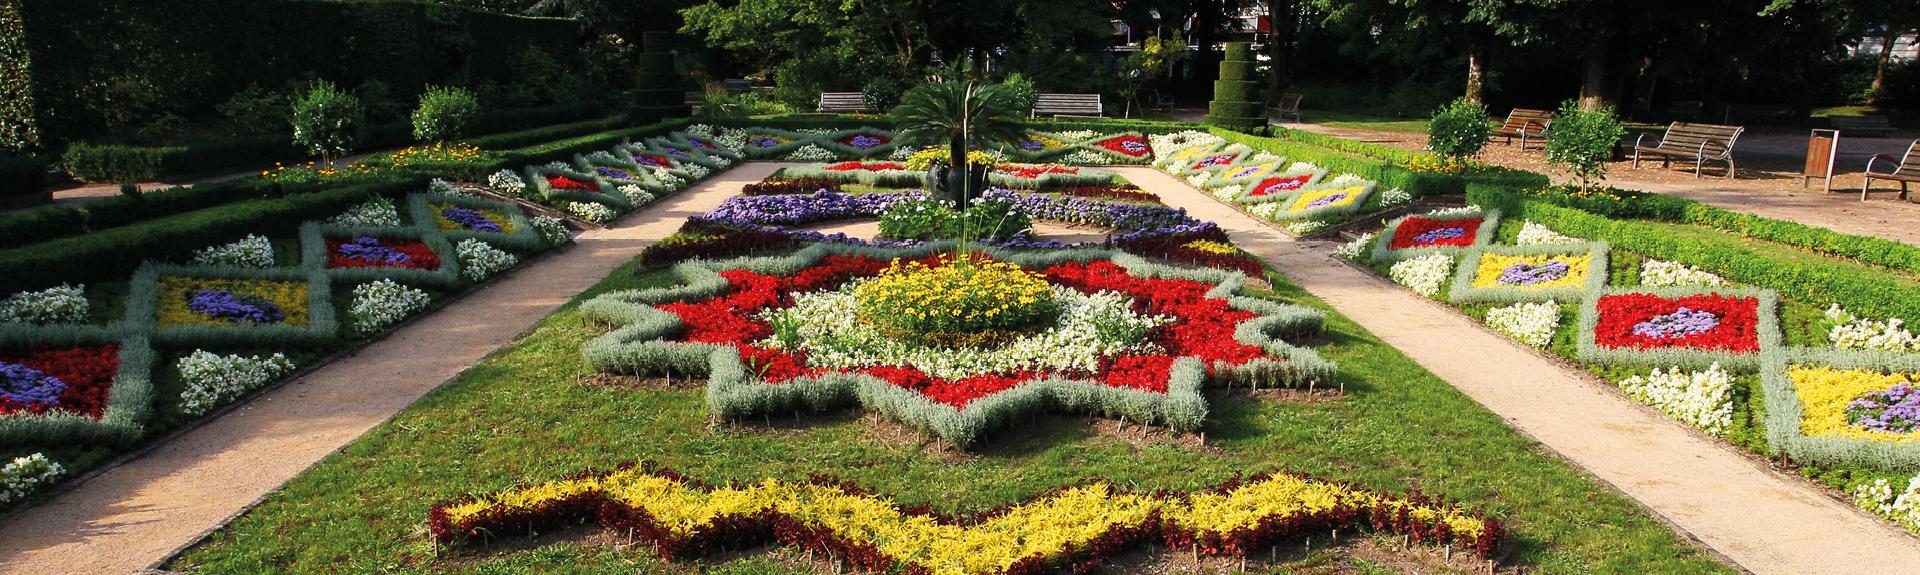 Parterre de fleurs colorées